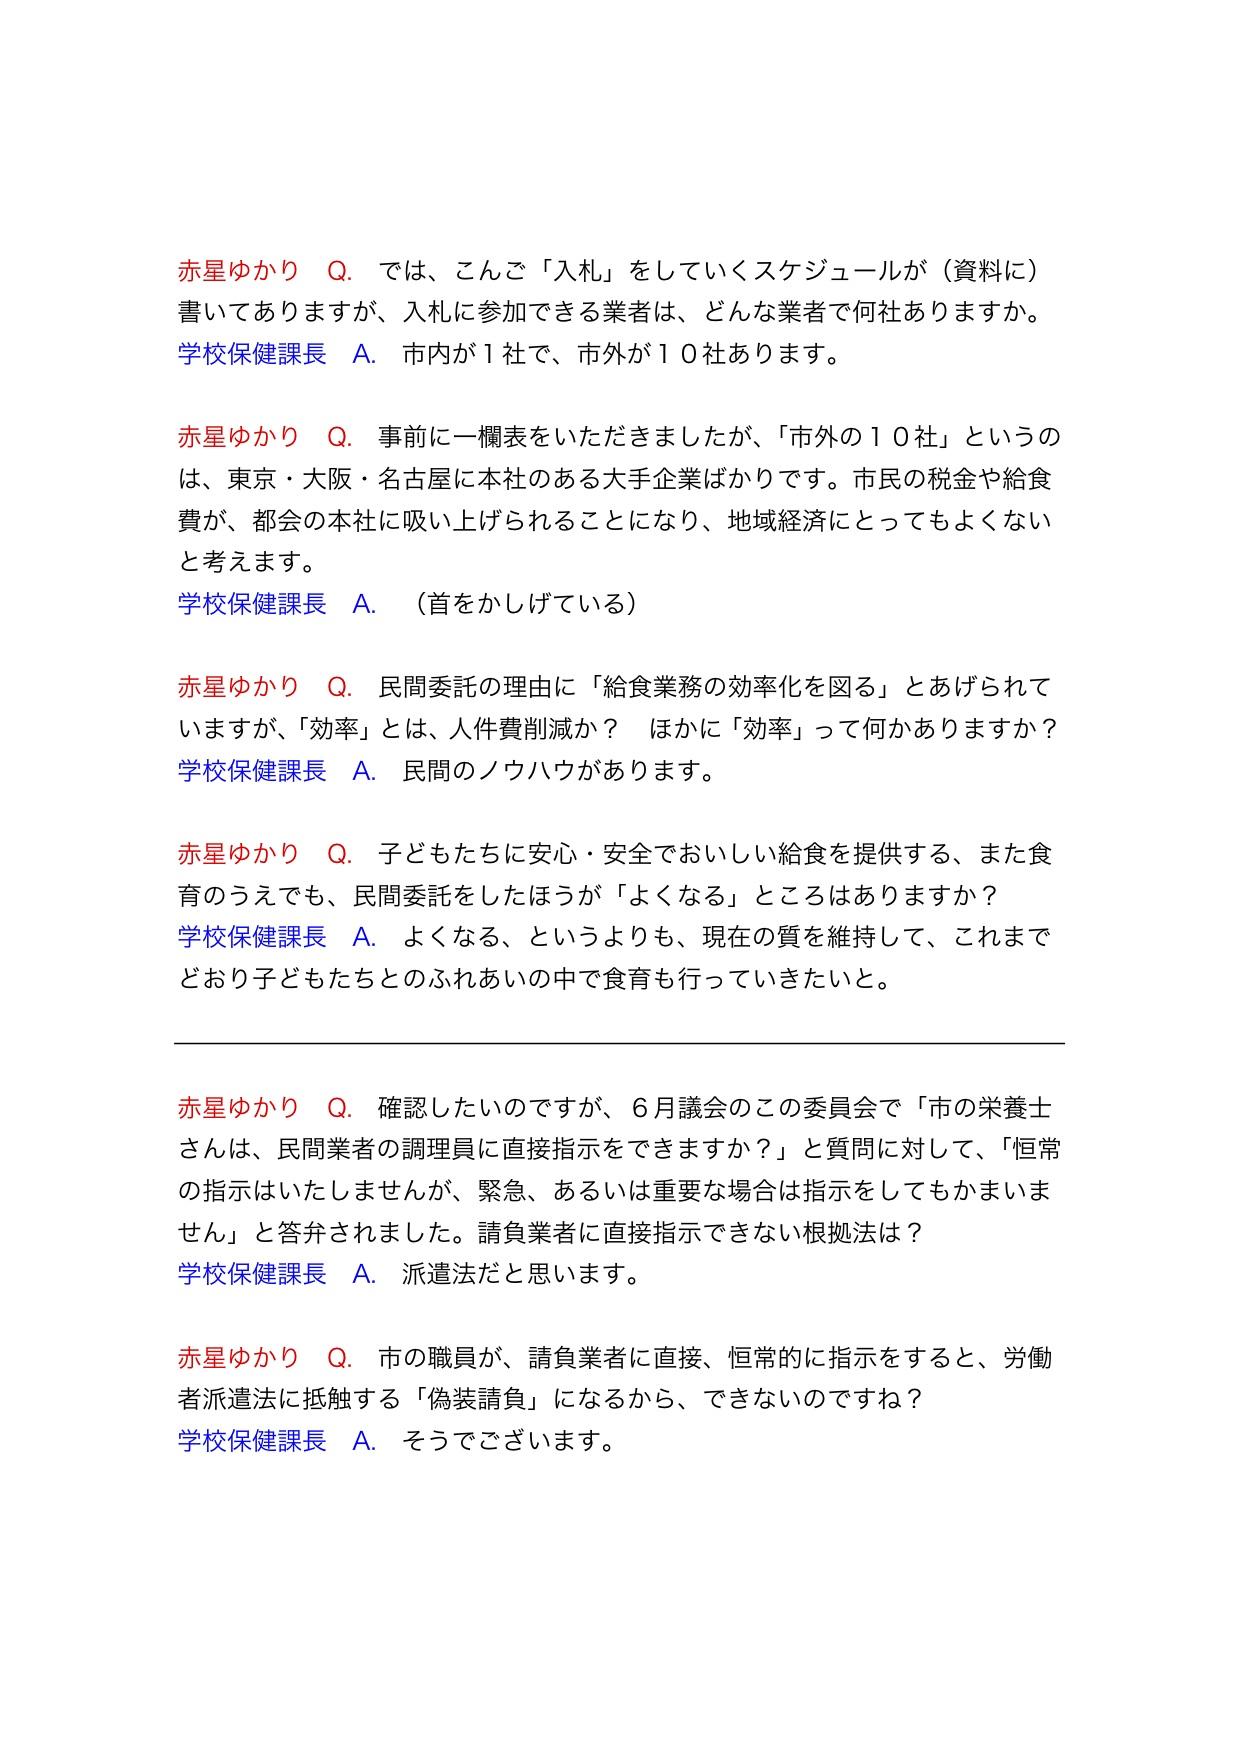 ④2012.9.20委員会質疑・討論メモ答弁入り